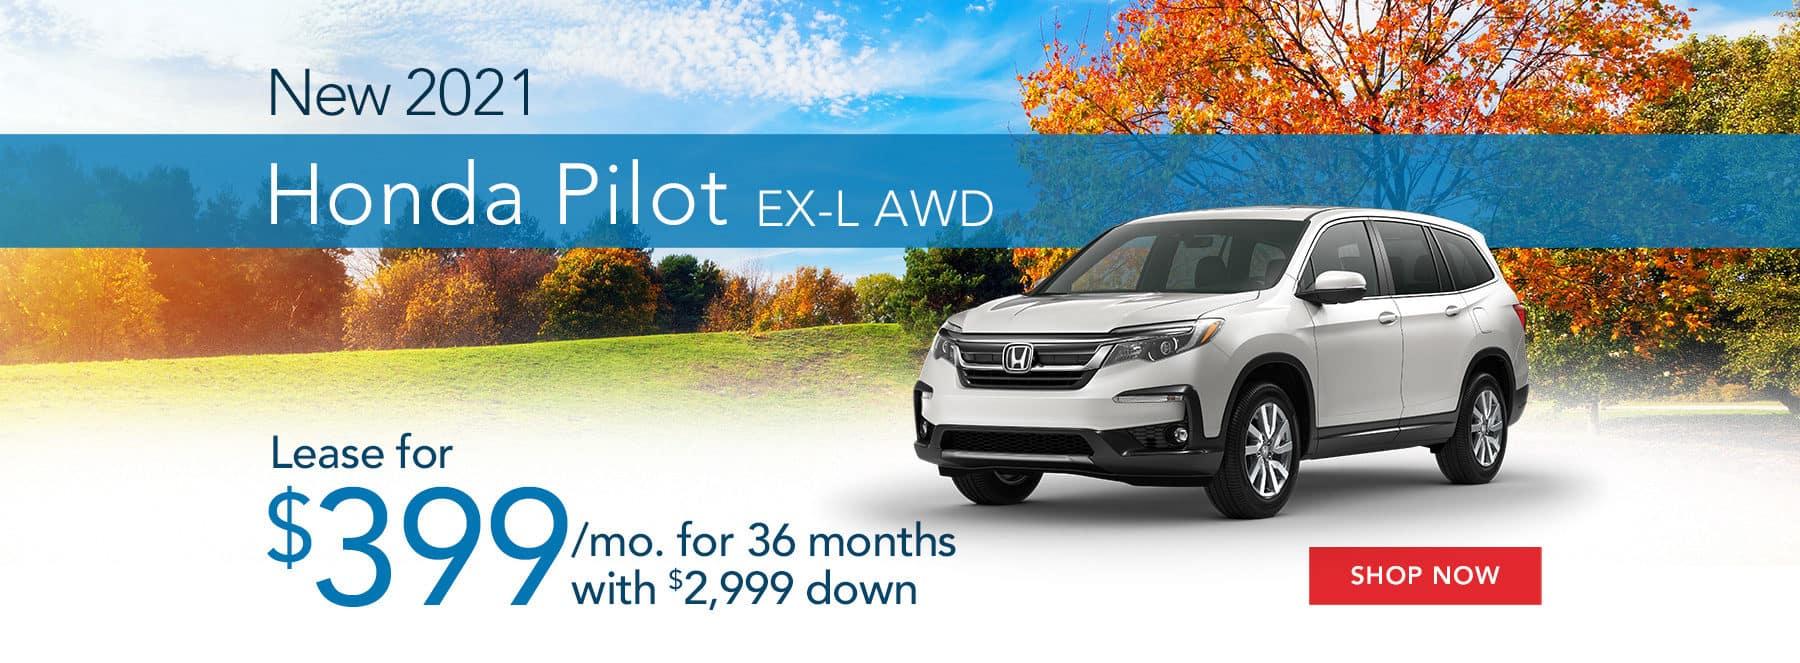 BHW_1800x663_New 2021 Honda Pilot EX-L AWD__09'21